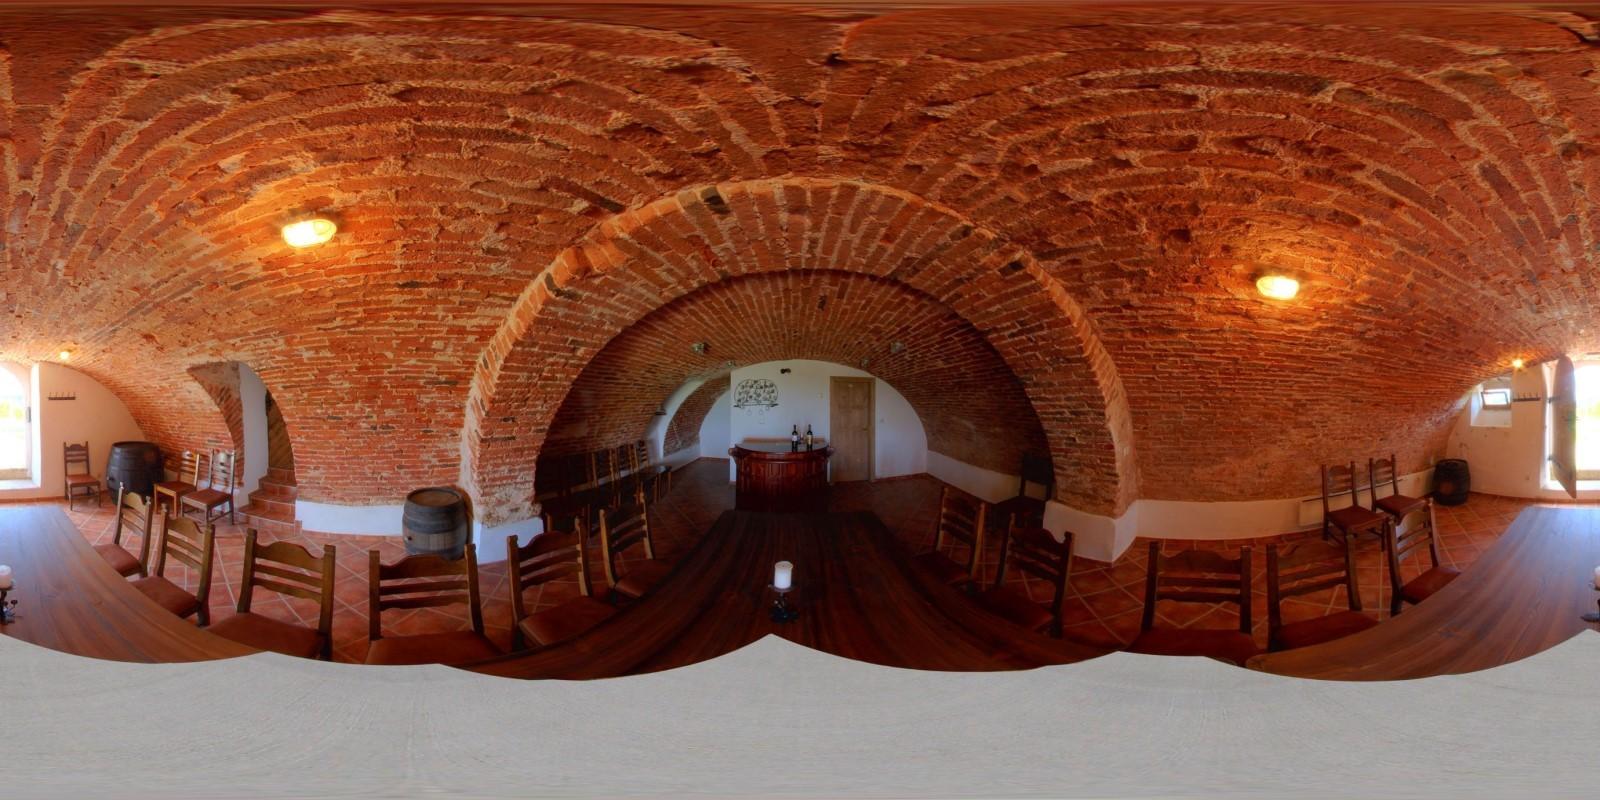 Vinogradniški dvorec - klet Tabernakel